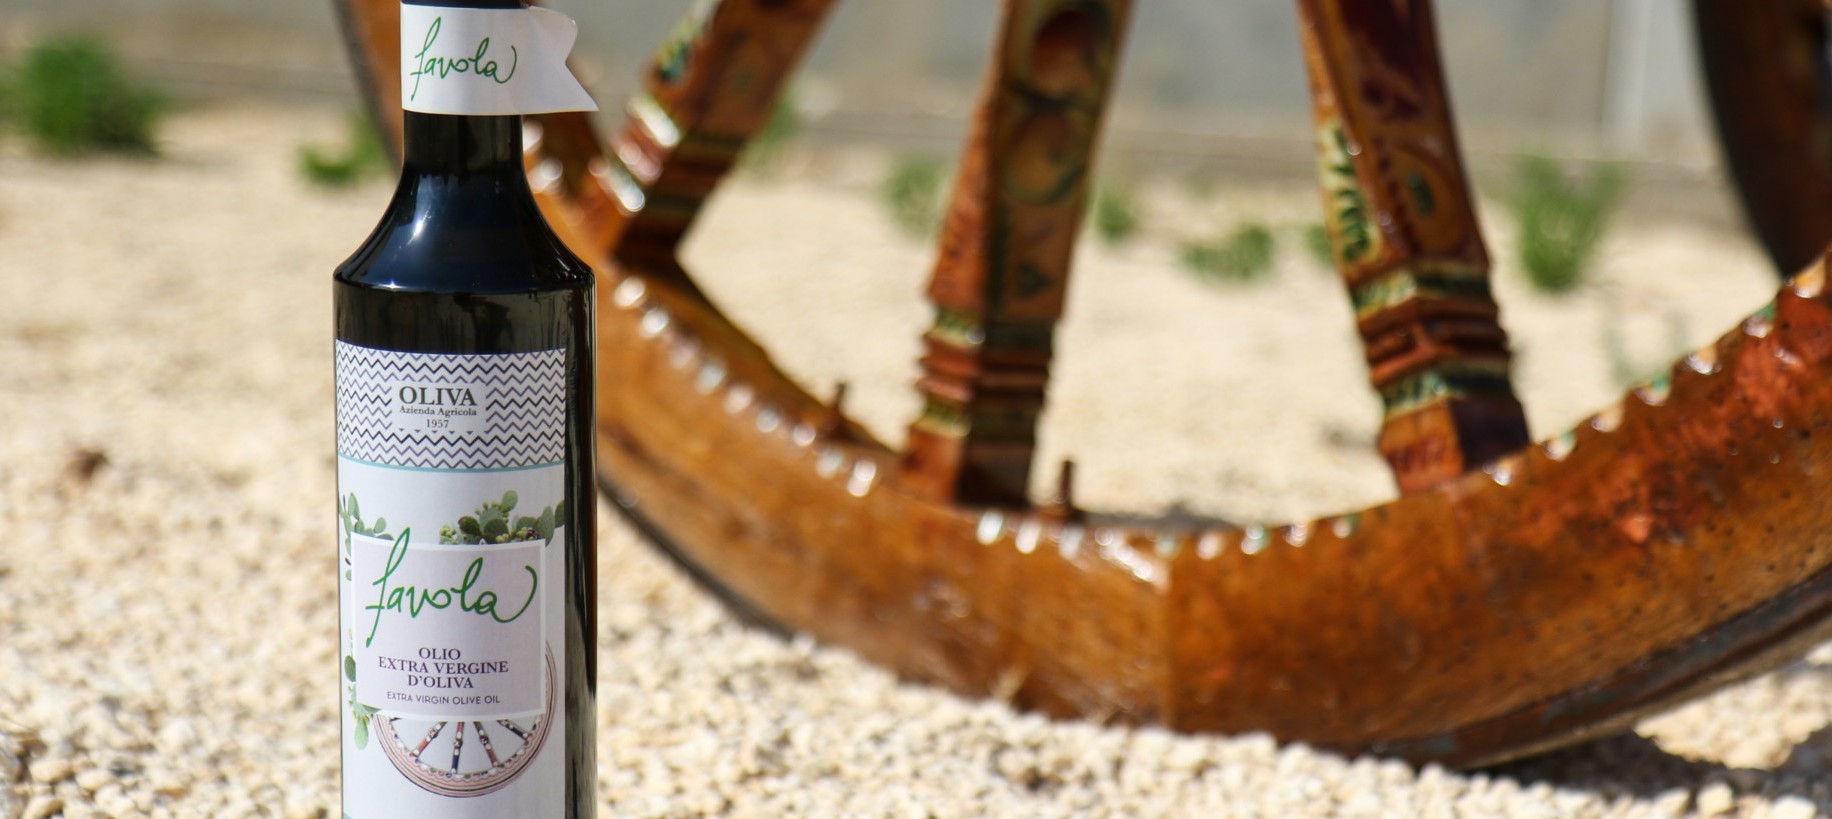 carretto e bottiglia olio favola - Azienda Agricola Oliva